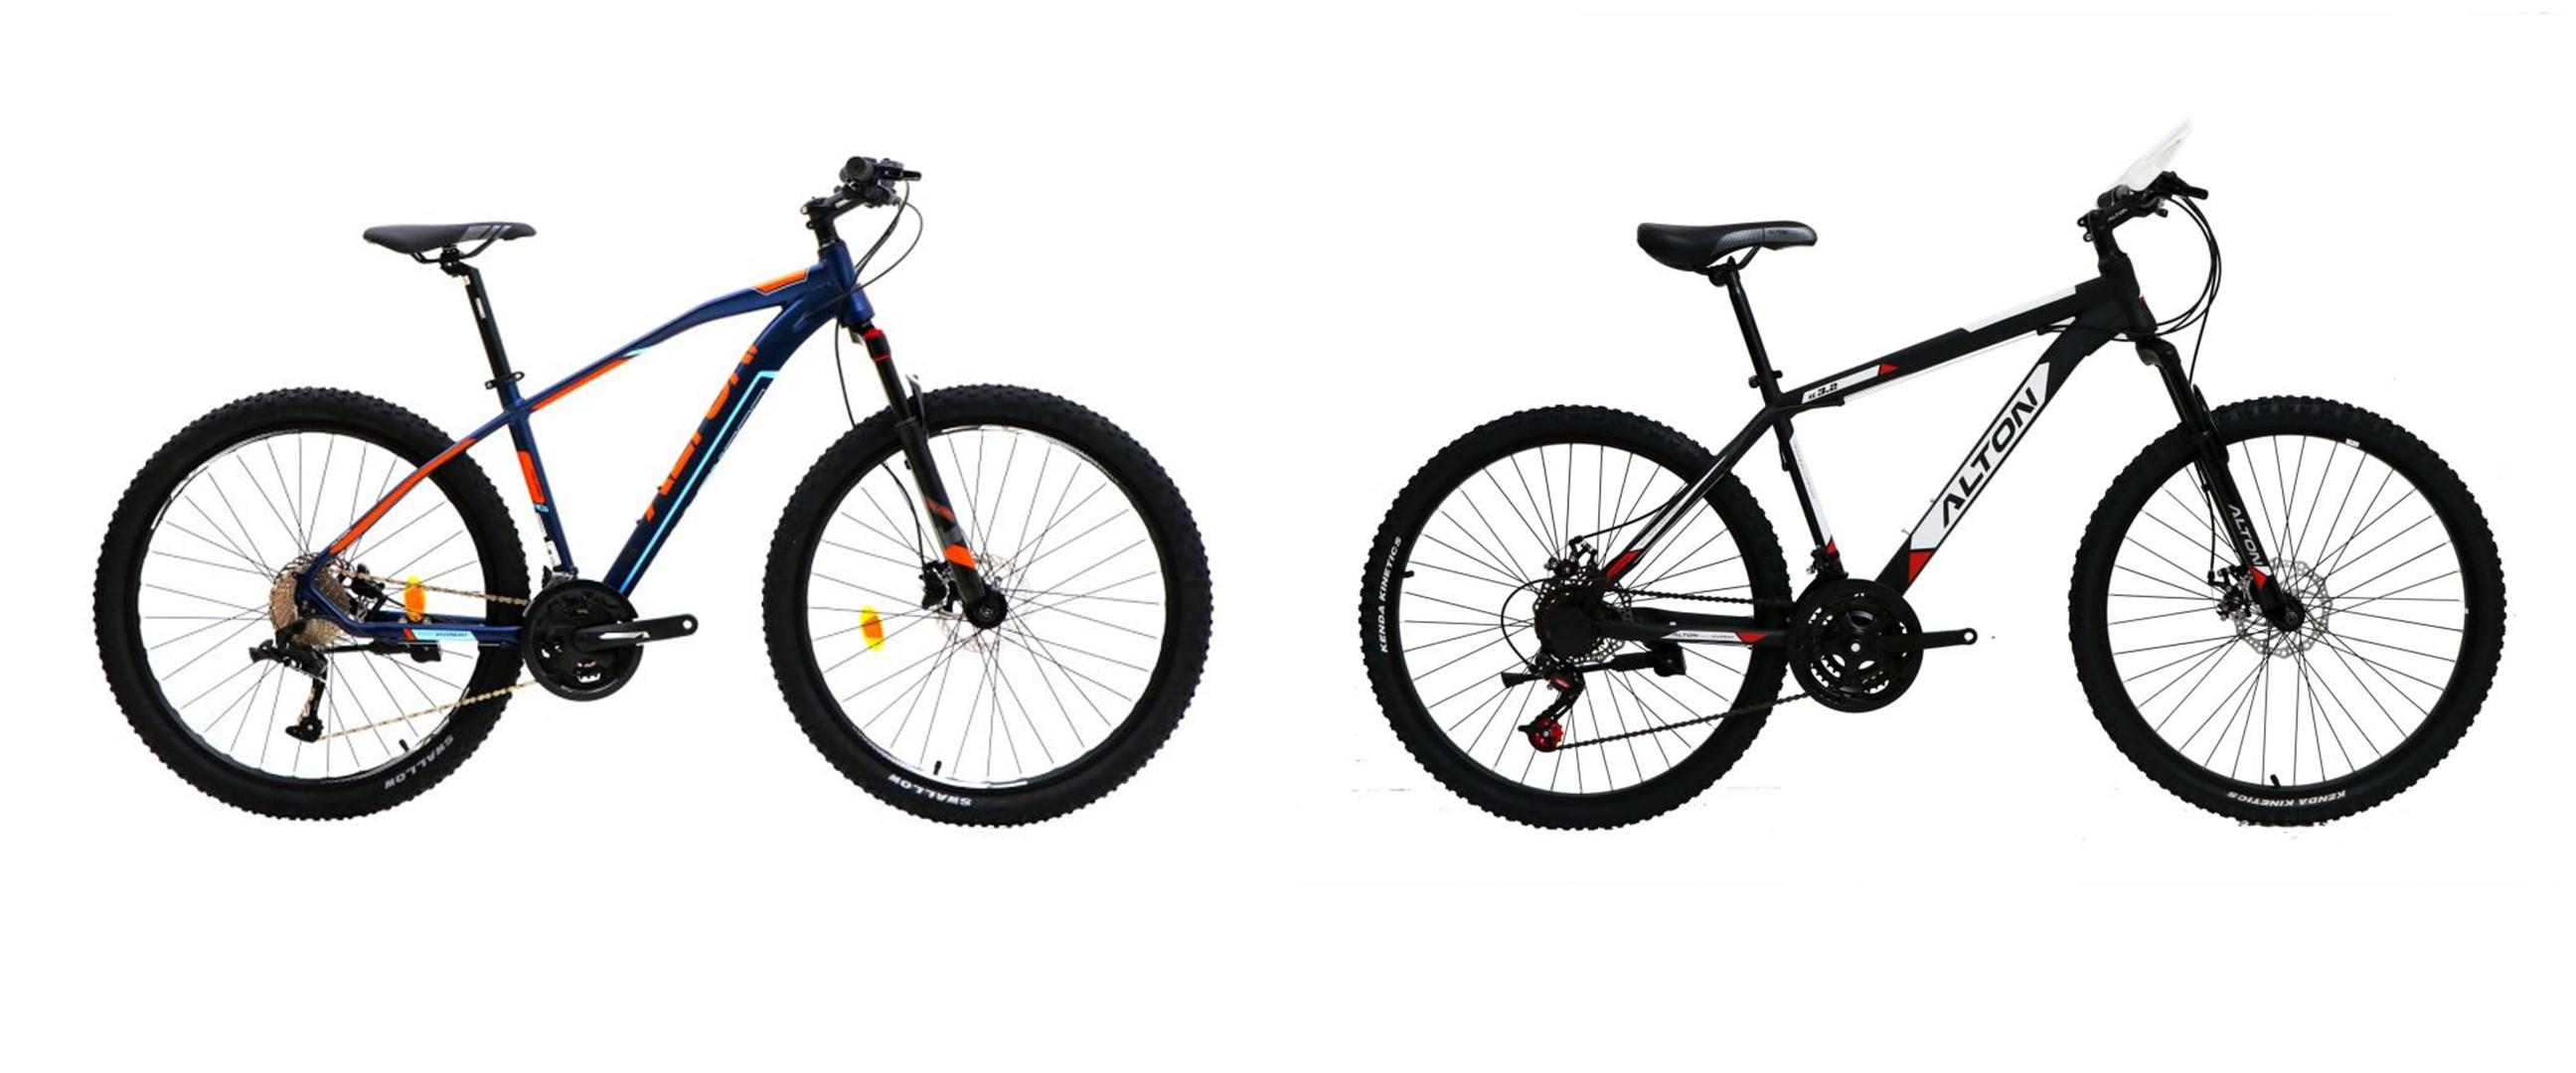 Harga sepeda gunung Element Alton dan spesifikasi, terjangkau